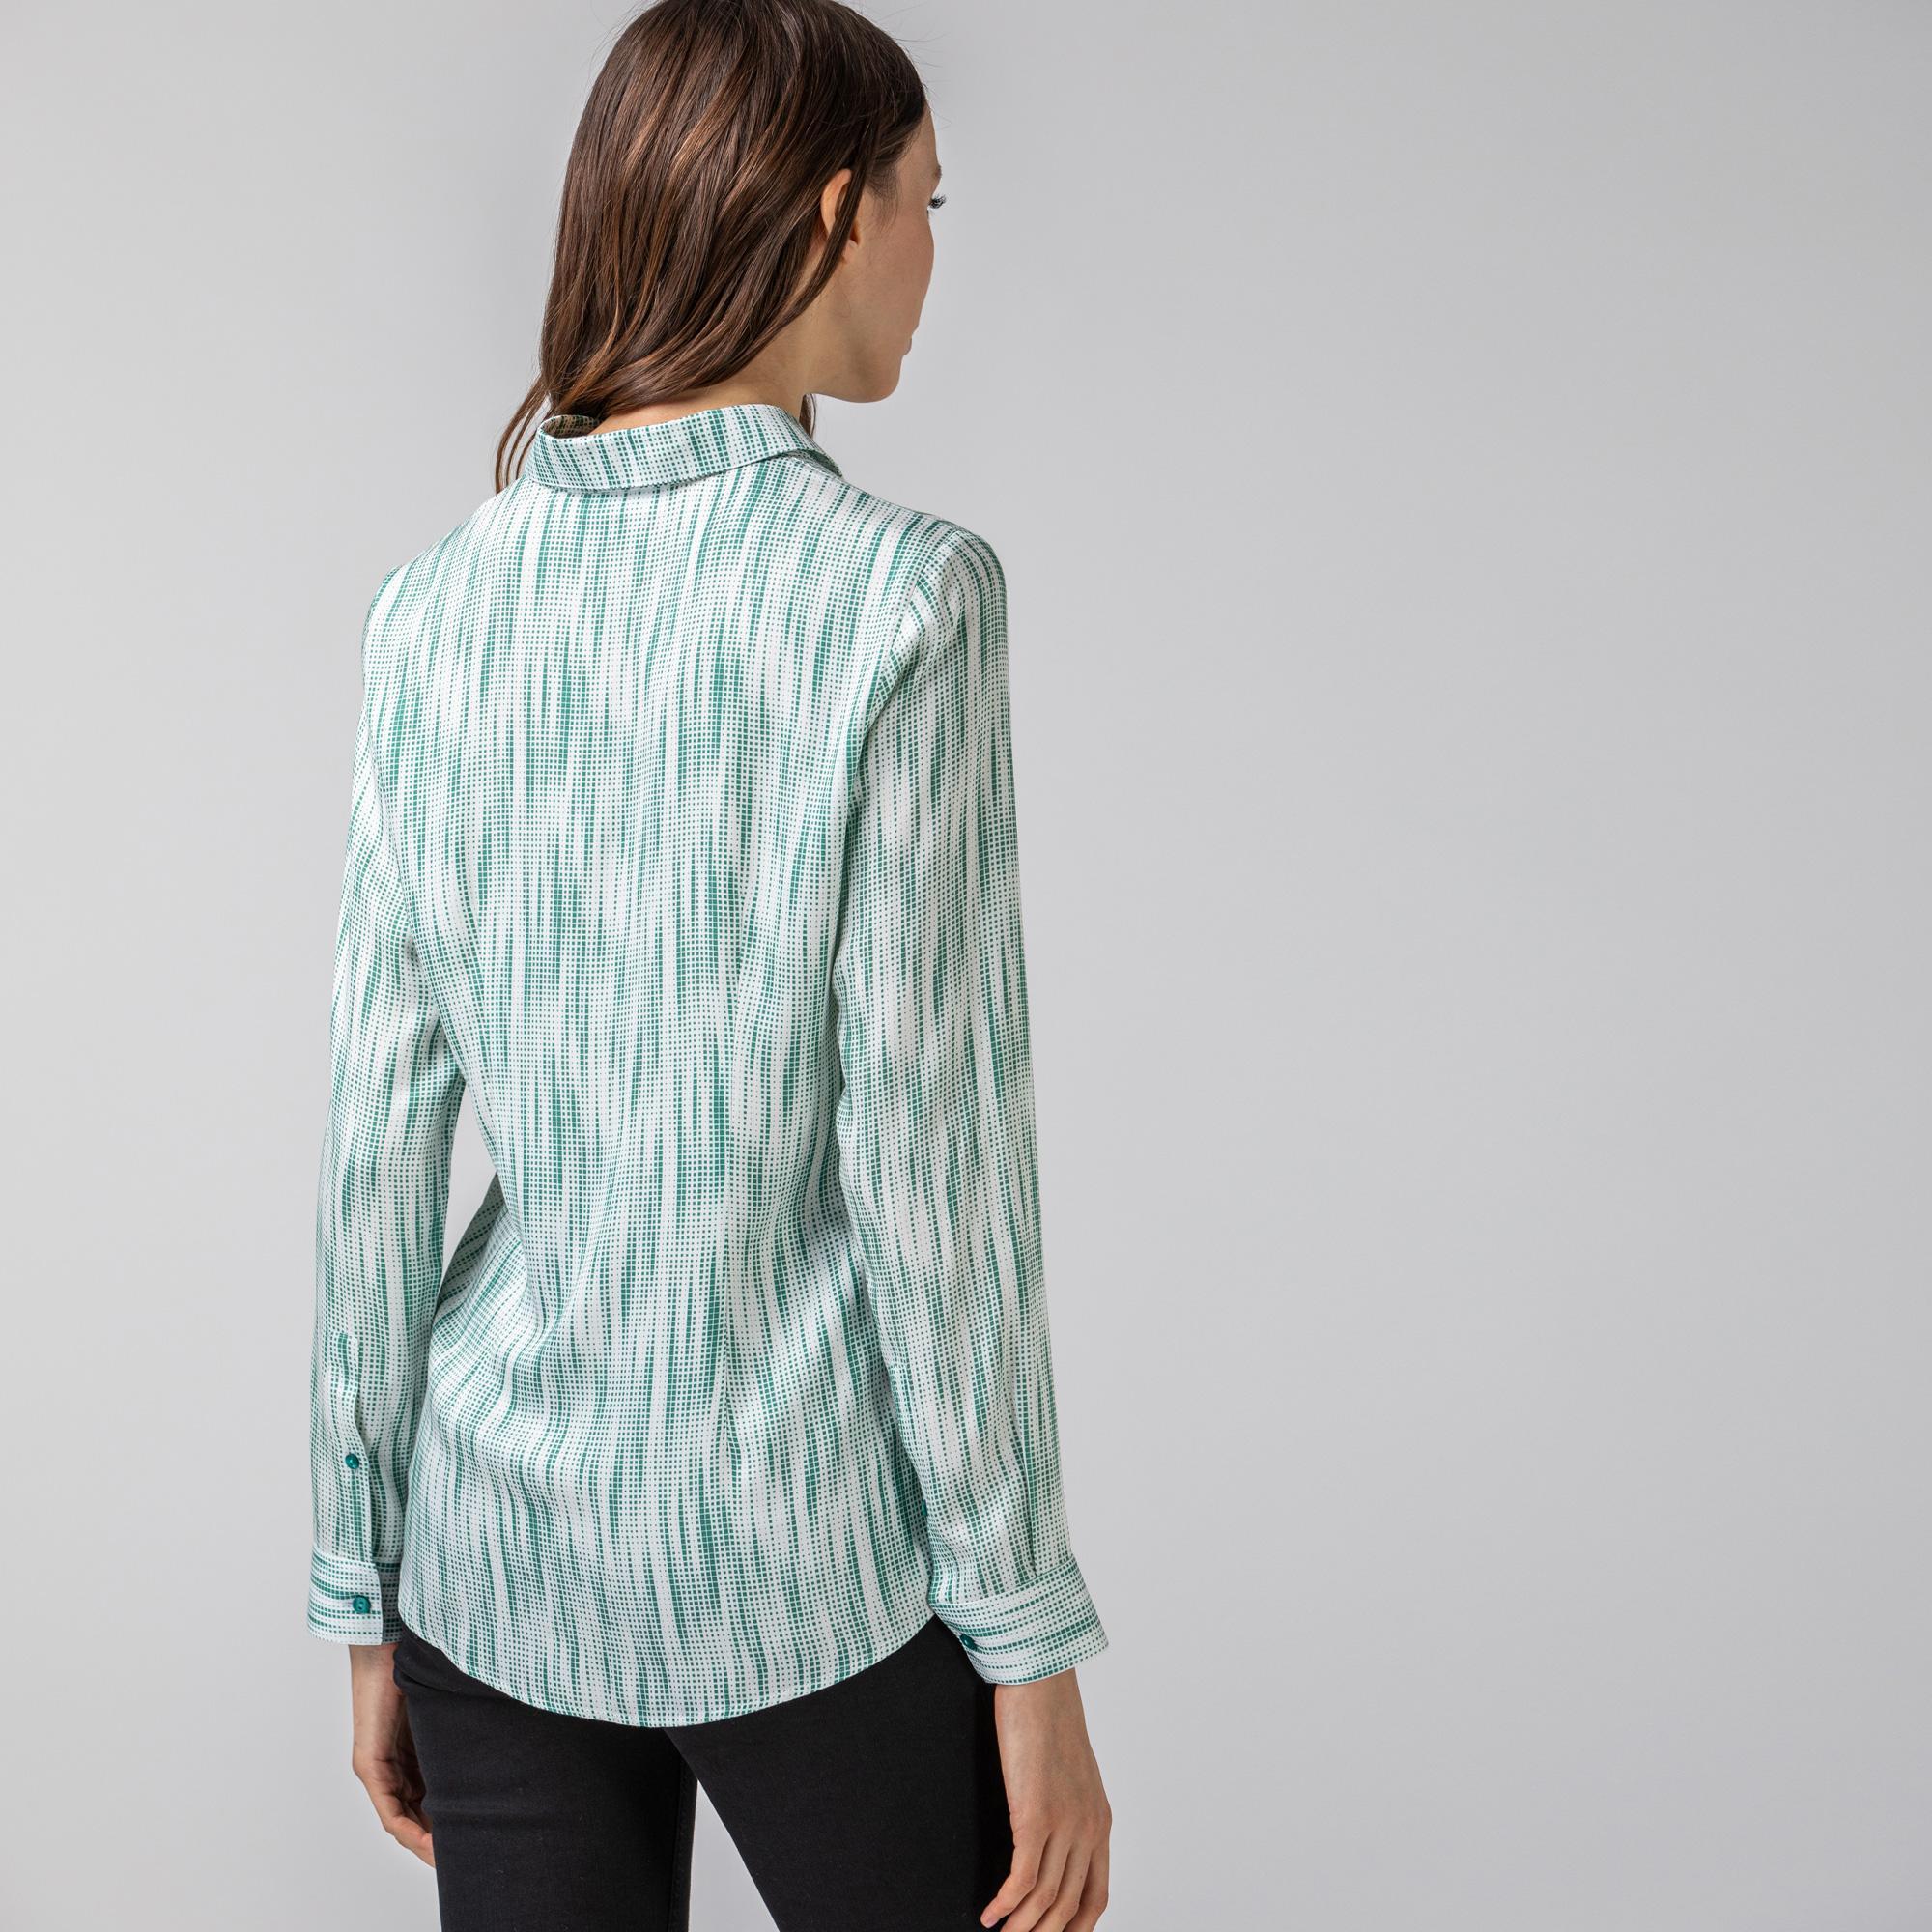 Lacoste Kadın Desenli Yeşil Gömlek